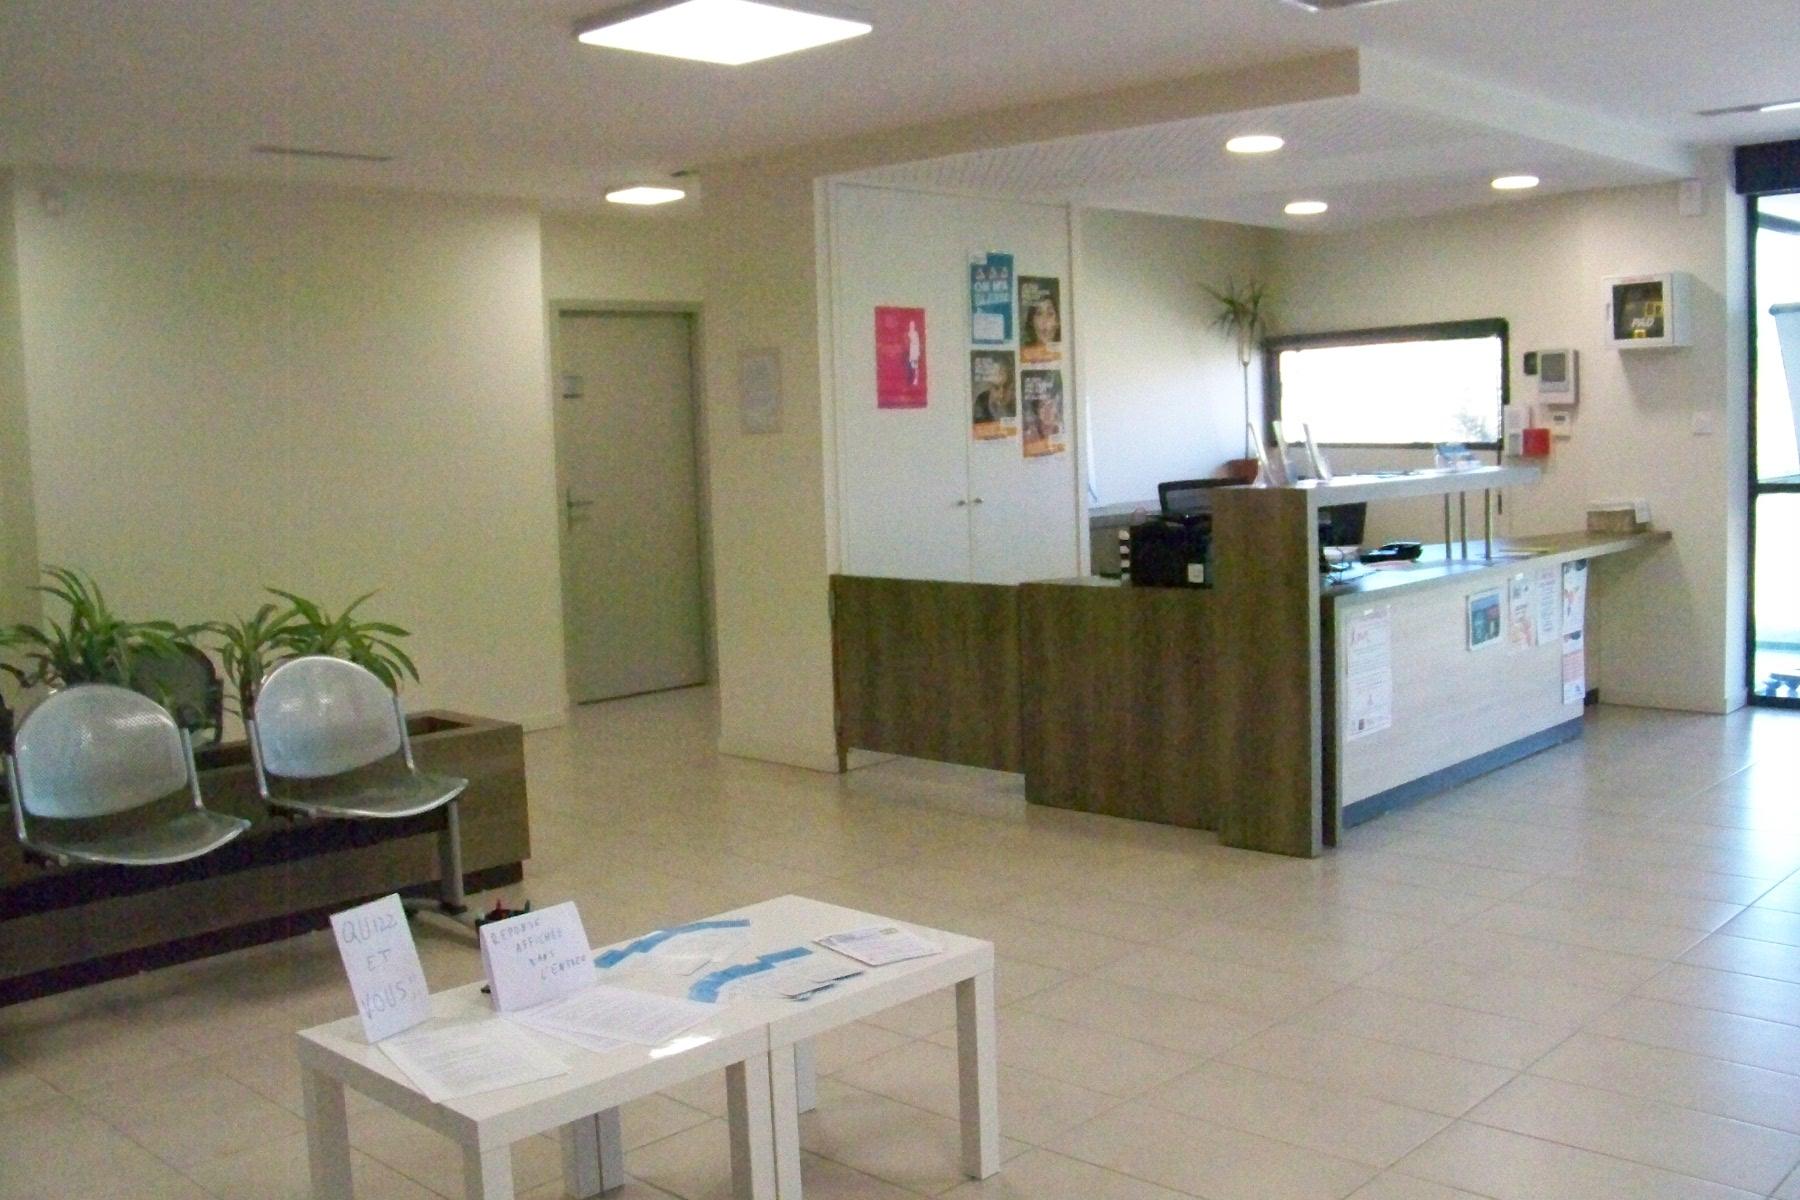 salle d'attente centre médical d'Arzens